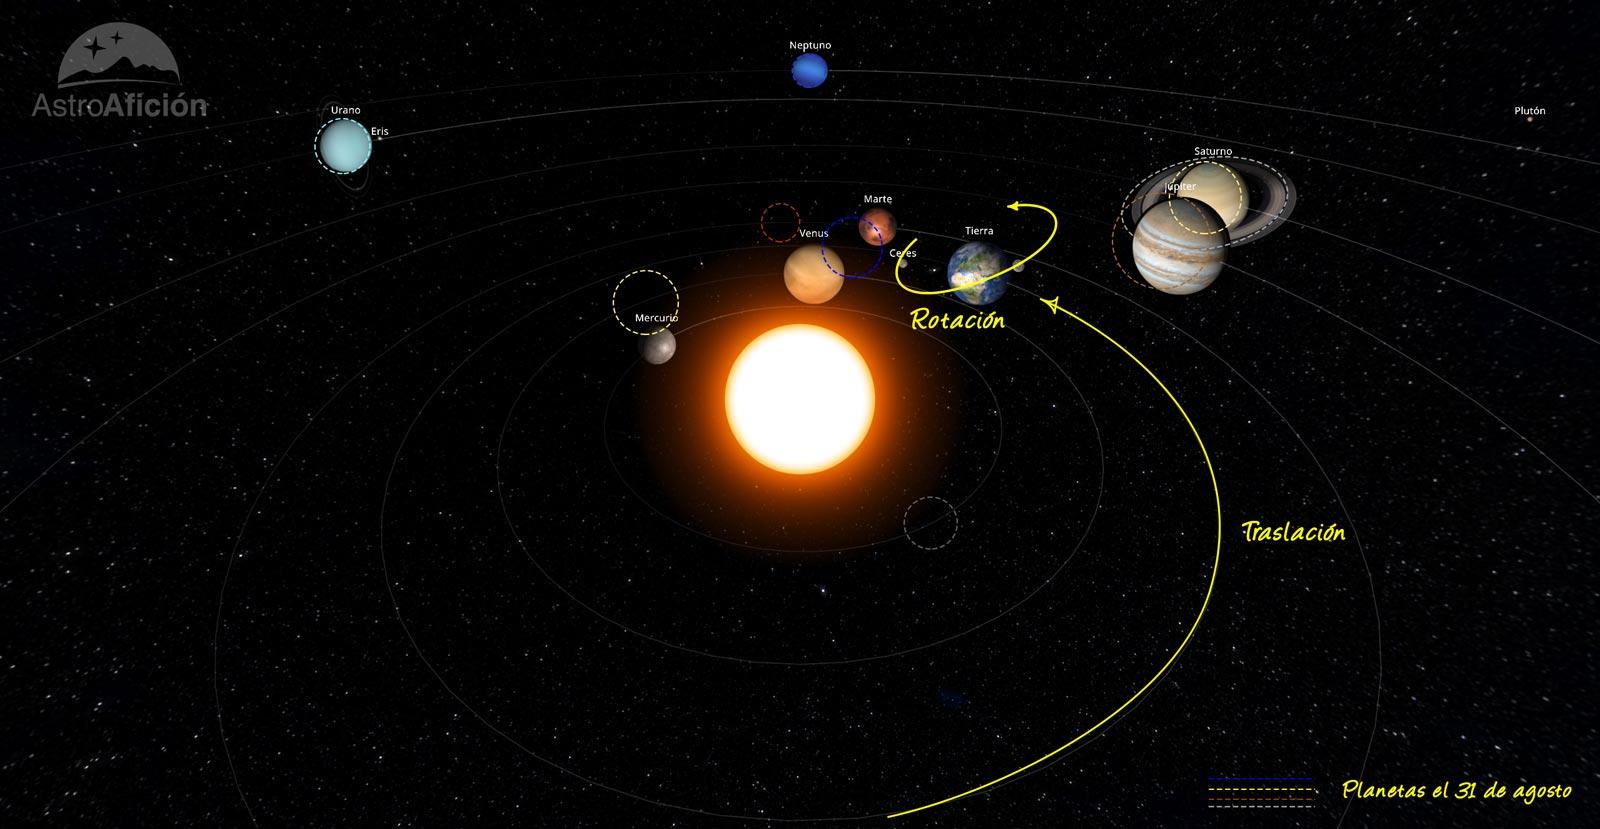 Planetas del Sistema Solar en agosto de 2020